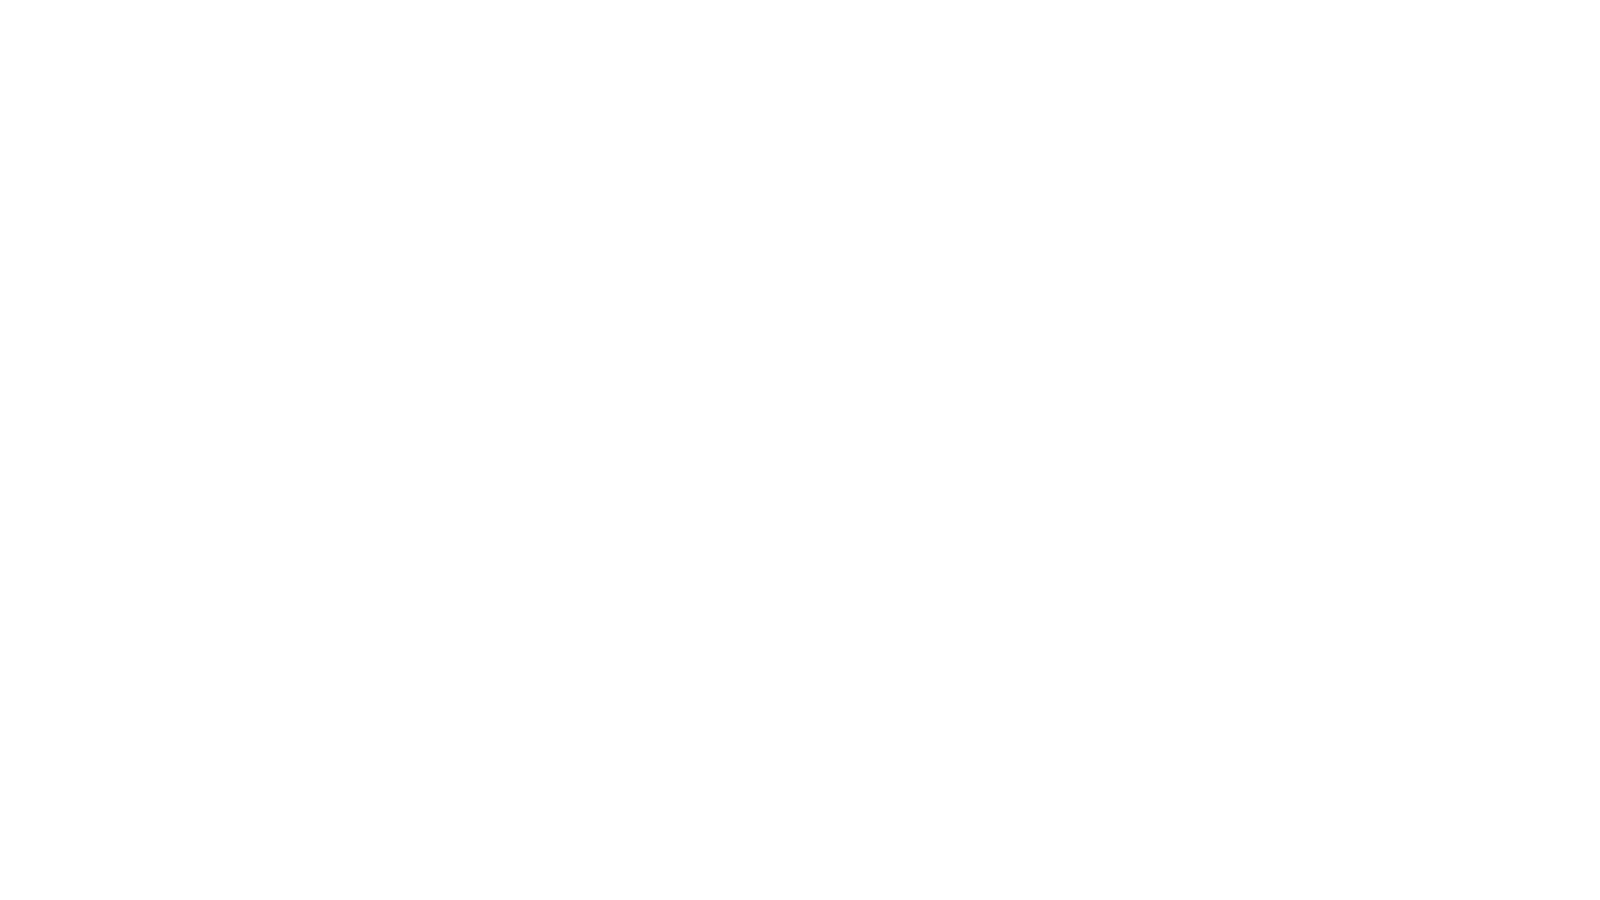 """La 1ère édition d'Aérobivouac aura lieu les 5-6 Juin prochain sur la célèbre altisurface de Saint Roch Mayères située face au Mont Blanc (probablement l'un des plus beaux terrain de France). La 2ième édition aura lieu mi-août sur l'altisurface de Superdevoluy située quant à elle dans les Alpes du Sud (les dates vous serons communiquées très bientôt). Le but de ce rassemblement est de réunir les jeunes et moins jeunes pilotes montagne et également de faire découvrir cette formidable discipline à nos amis pilotes de """"plaine"""". Les piétons, randonneurs qui souhaitent également se joindre à la rencontre sont les bienvenus ! (compter ~1h20 de rando depuis le parking de Cordon) Découverte, rencontre, partage et transmission du savoir seront les maîtres mots de ces évènements organisés par l'association Jeunes Ailes et l'Association Française des Pilotes de Montagne AFPM. Informations et inscriptions à venir très bientôt sur www.aerobivouac.com   Association Jeunes Ailes : www.jeunes-ailes.asso.fr Association Française des Pilotes de Montagne : www.afpm.fr   #jeunesailes #youngpilots #mountainflying #mountainpilots"""